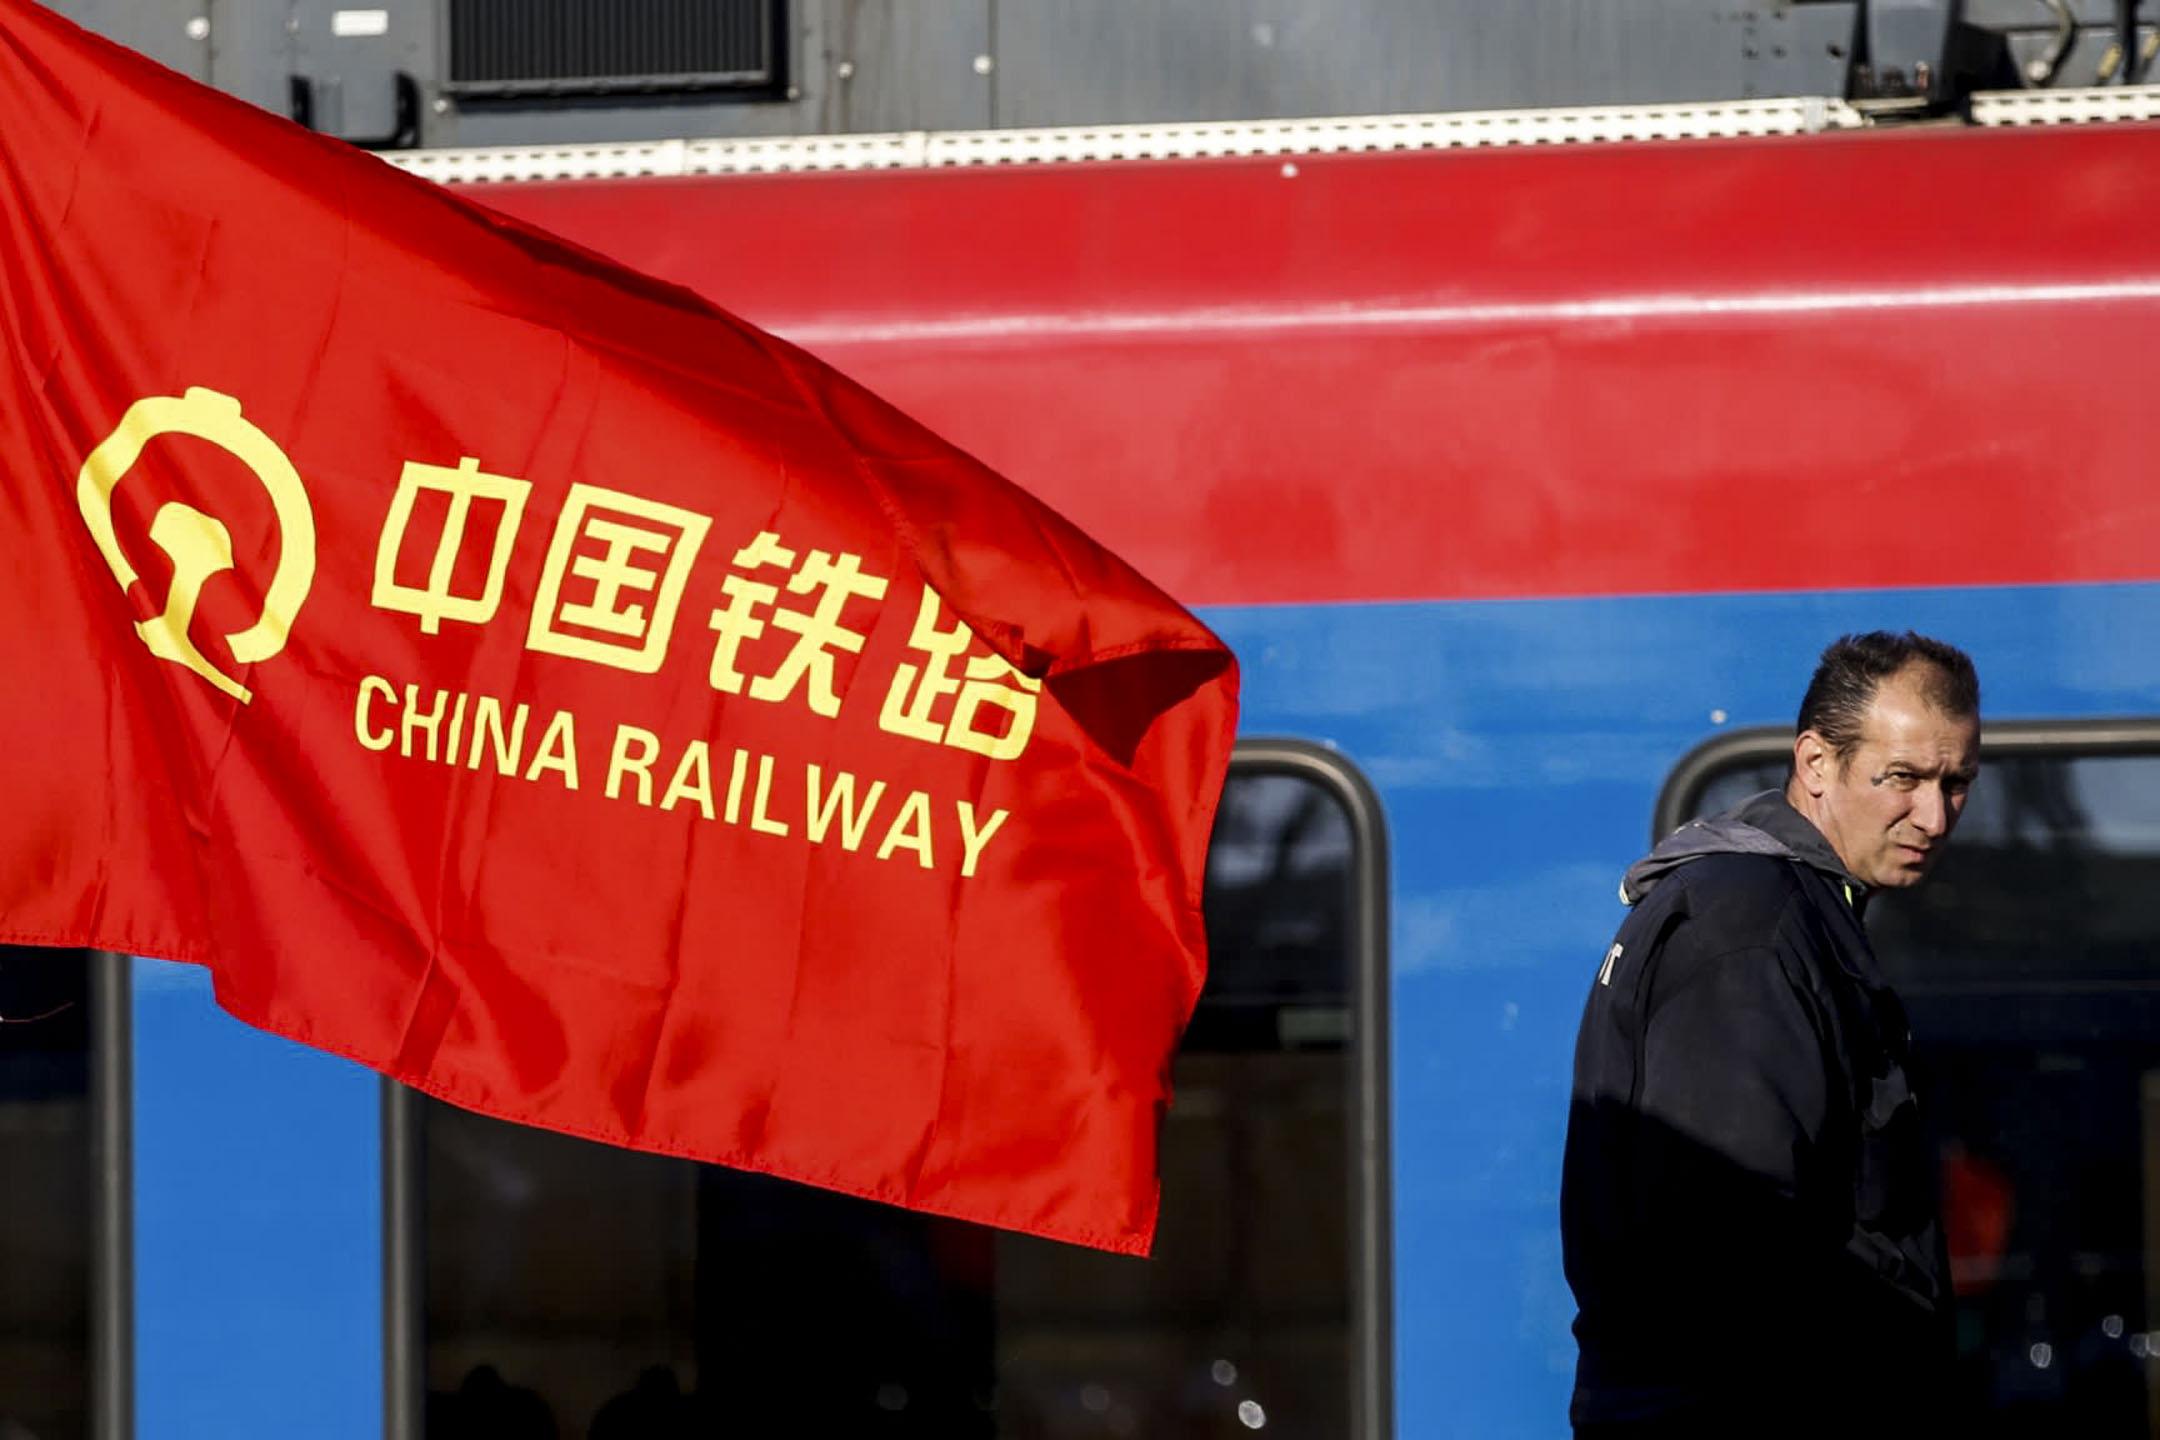 中國「一帶一路」倡議的「匈塞鐵路」工程耗資約30億美金,是匈牙利迄今在鐵路上最大的一筆投資。圖為塞爾維亞貝爾格萊德的一名工人走在通往匈牙利布達佩斯的火車前。 攝:AP